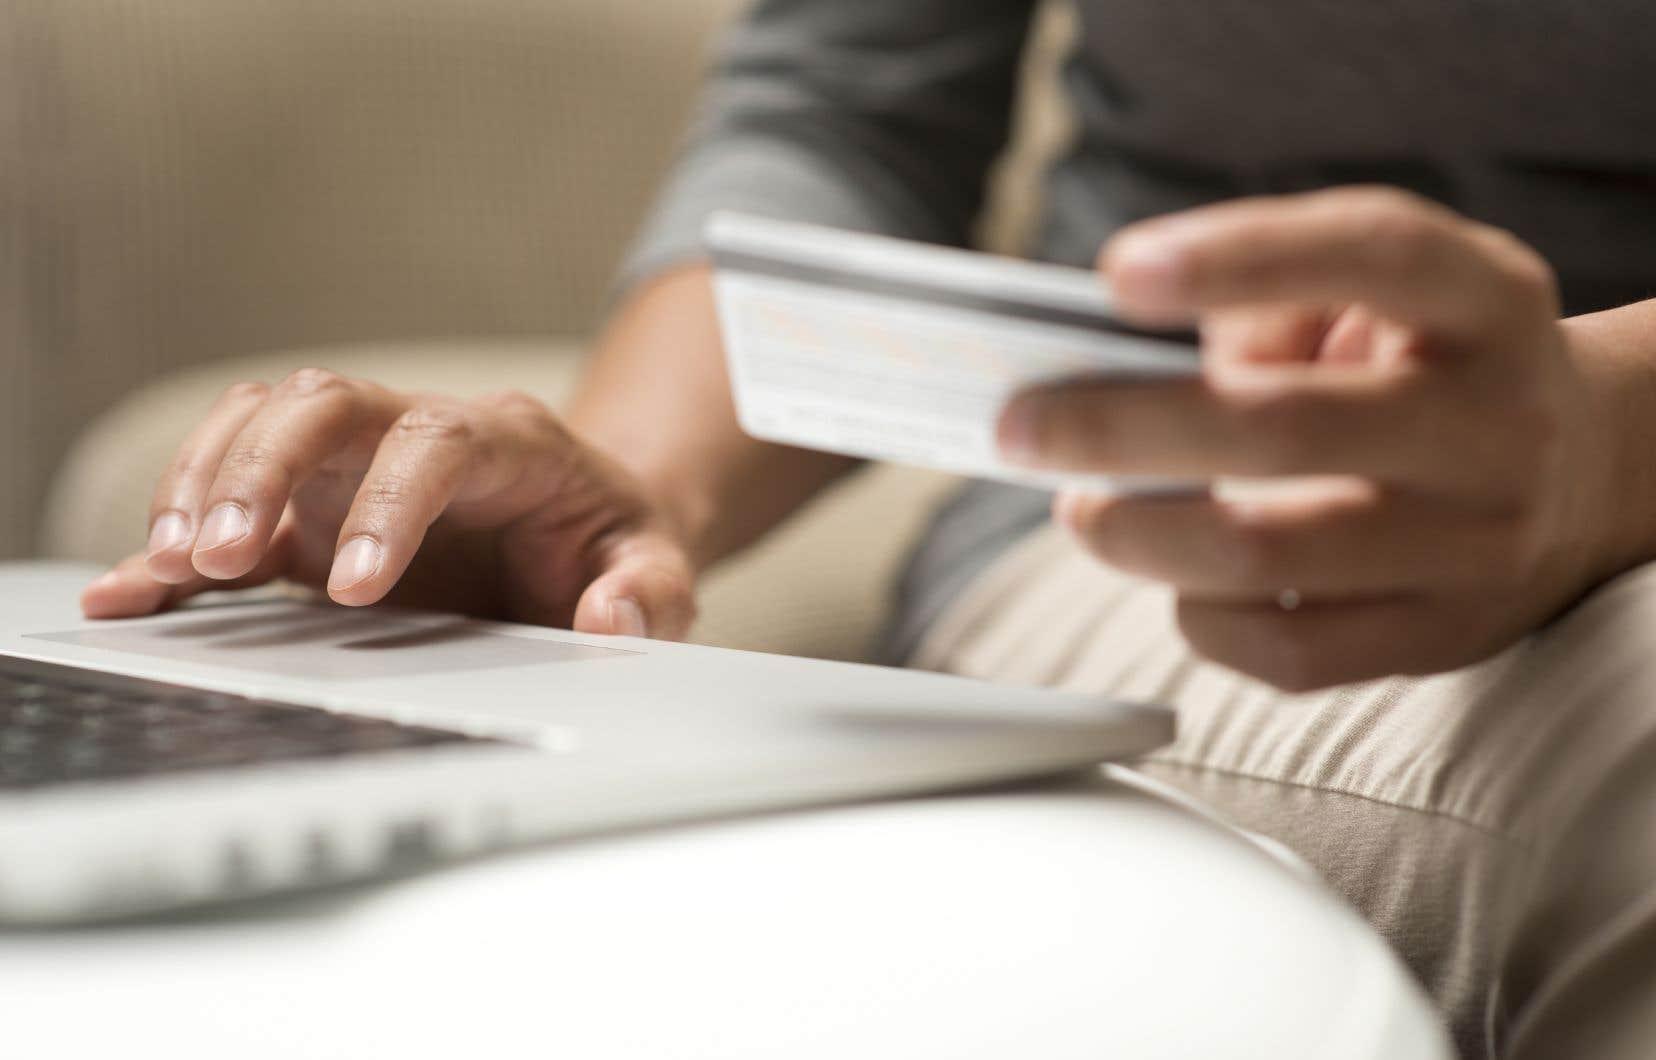 La technologie financière regroupe tout ce qui promet de bouleverser le secteur au cours des prochaines années, ou ce qui a déjà entraîné un impact: paiements par contact etplateformes d'investissements en ligne, par exemple.